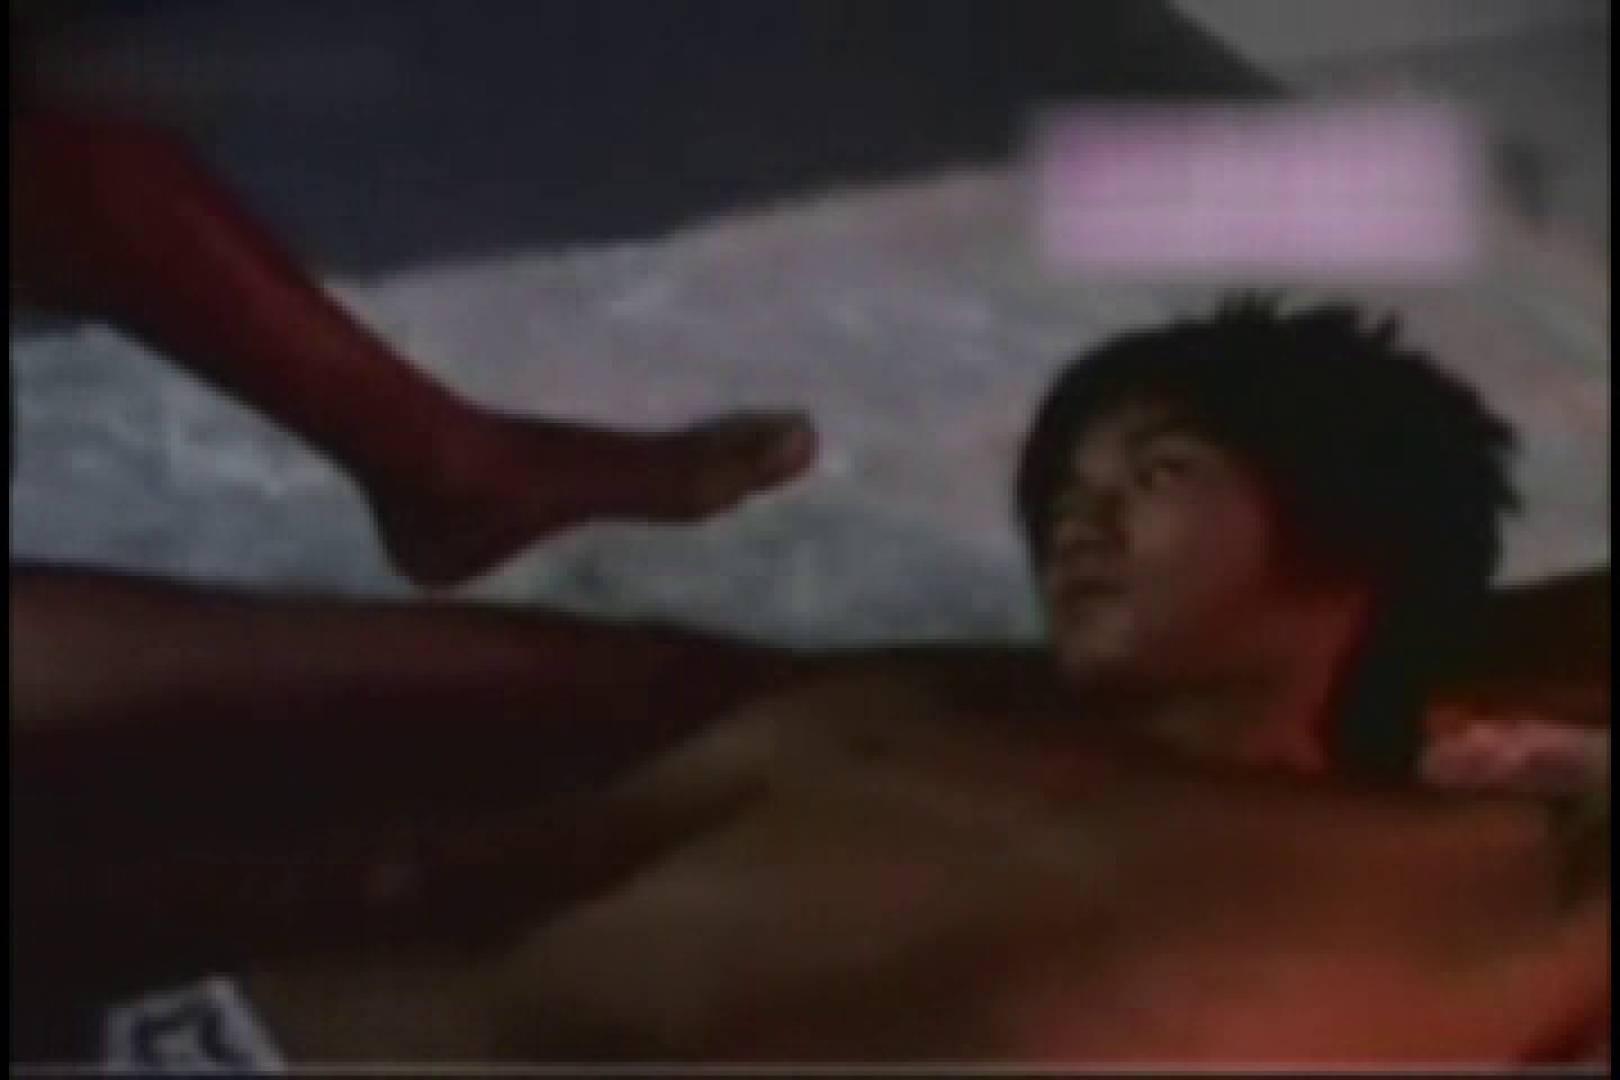 中出有名ゲイ雑誌★魅力●生★付録DVD収録スーパーモデルヌードvol4 イメージ(av)   モデル ゲイエロ画像 90pic 82